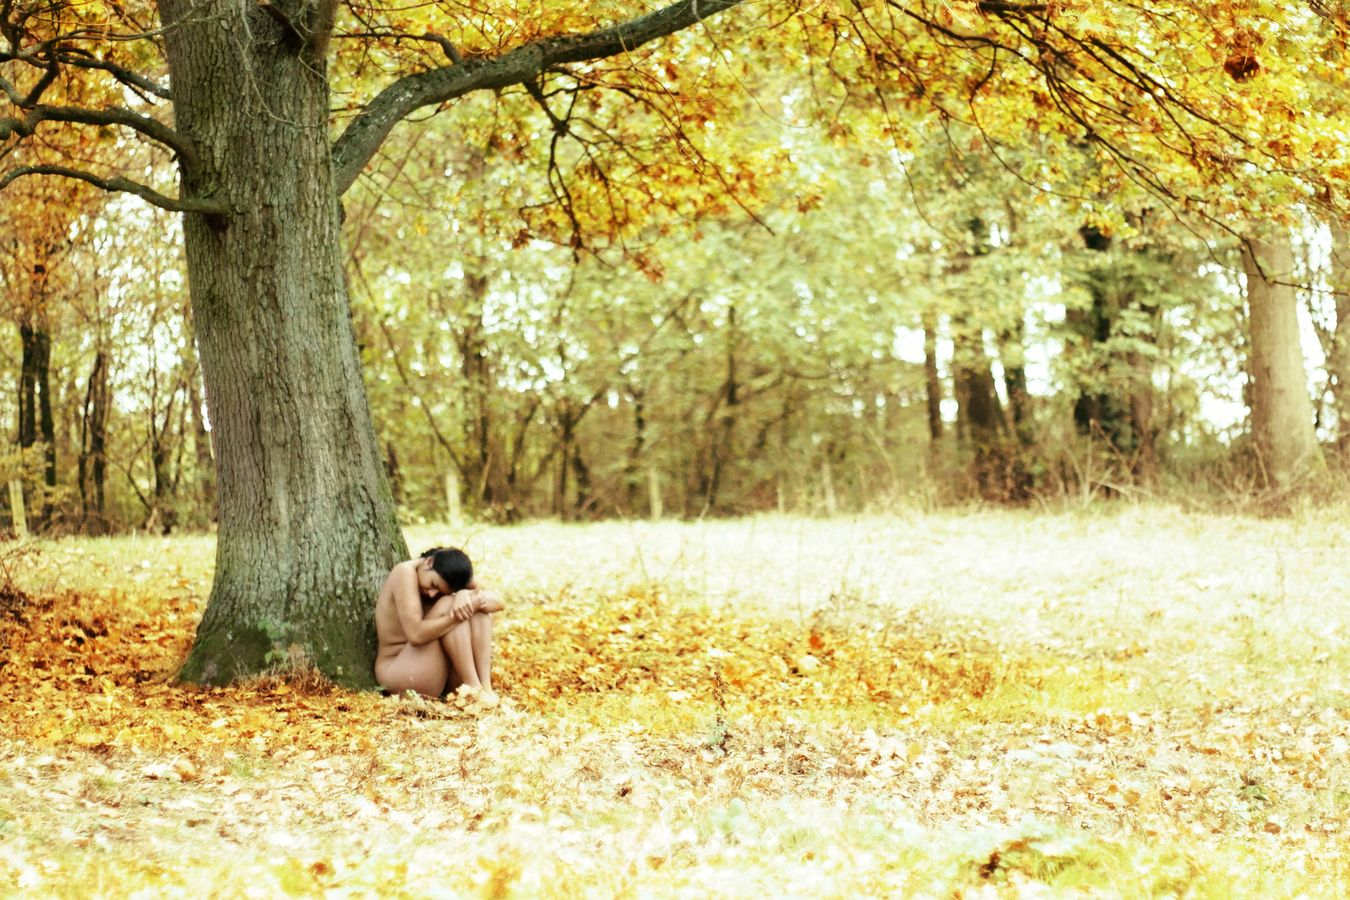 Ana, nue, se repose au pied d'un arbre en automne et la nature vient l'enlacer tendrement et paisiblement. L'arbre est entouré de couleurs flamboyantes.